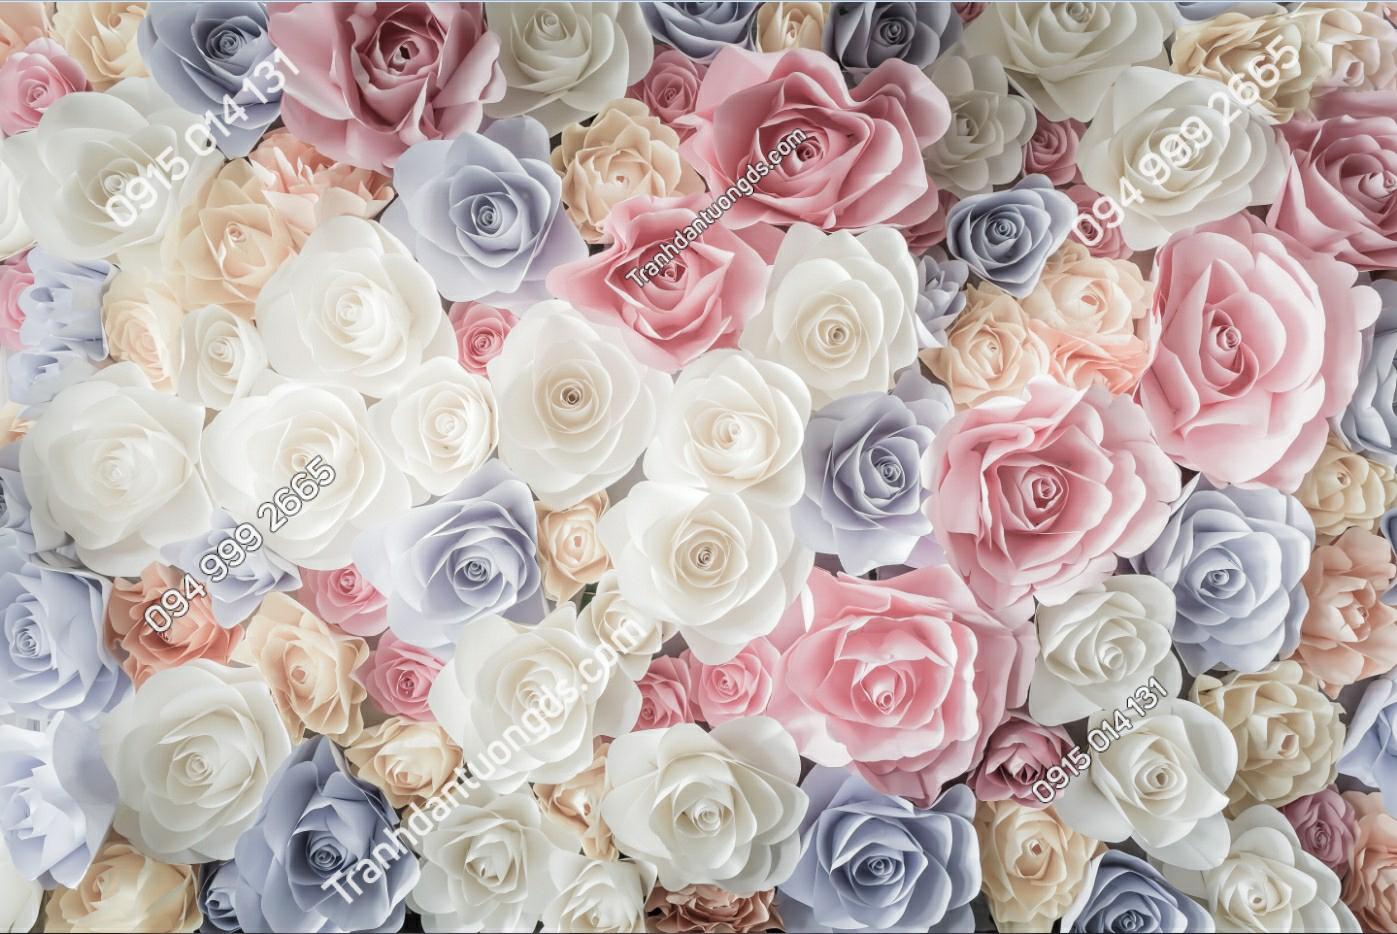 Tranh dán tường hoa hồng - 10538 demo